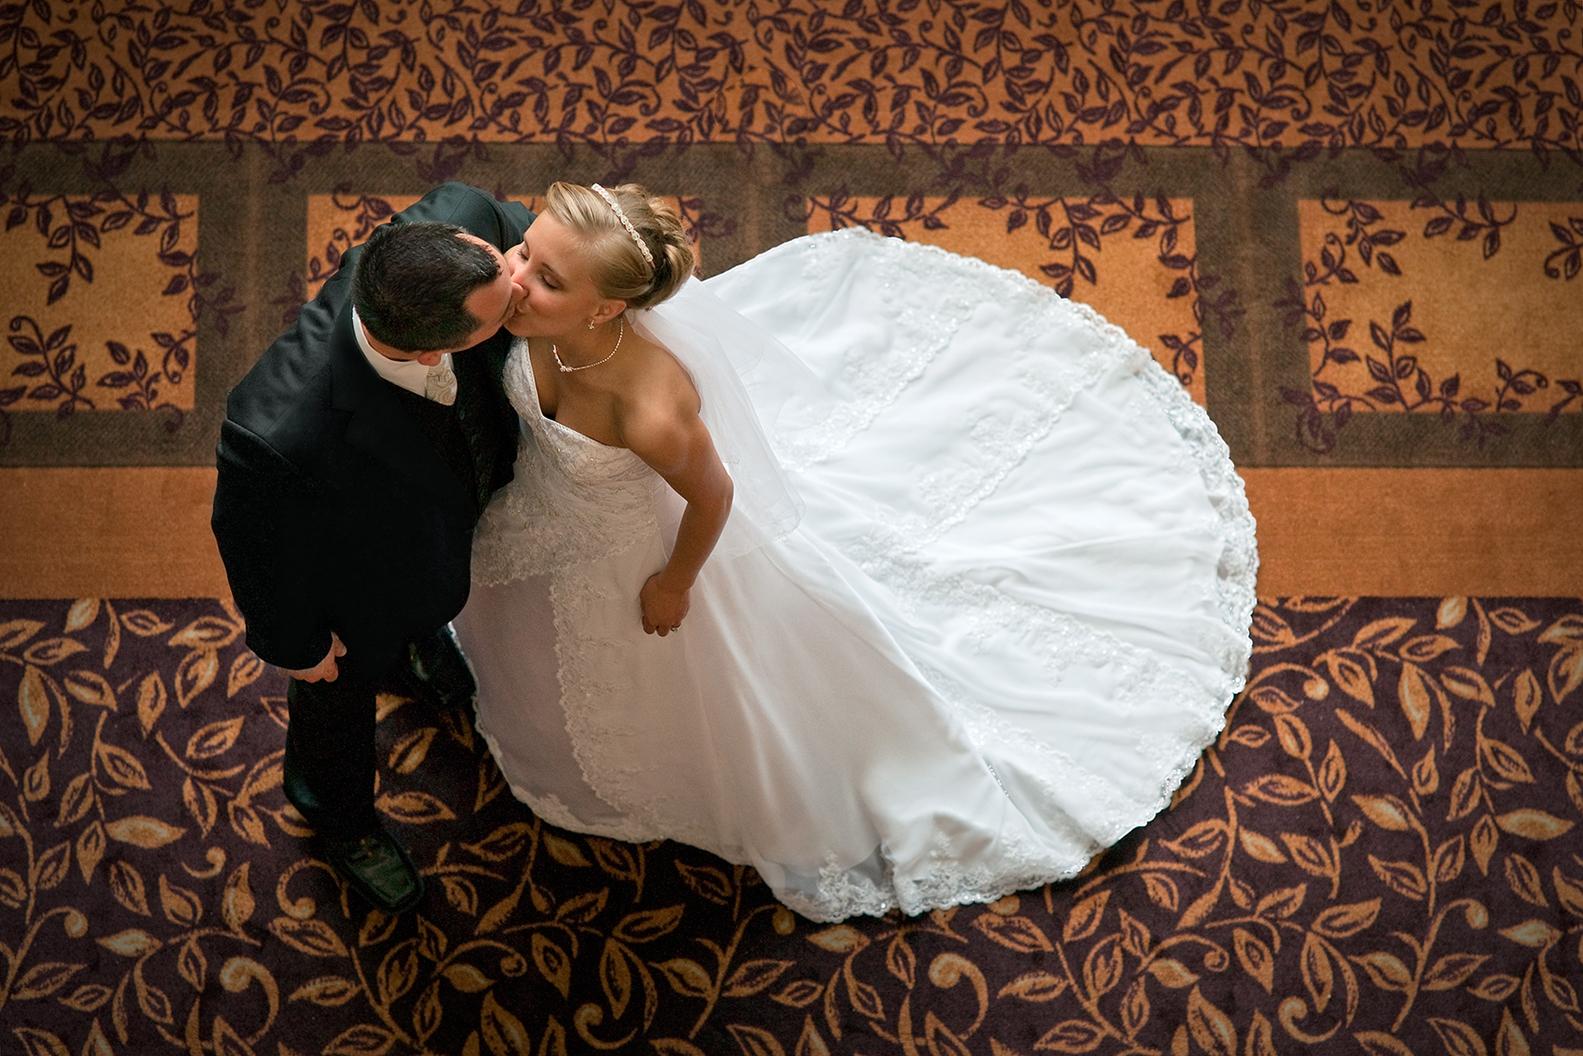 Wedding Kiss by fotografz in fotografz